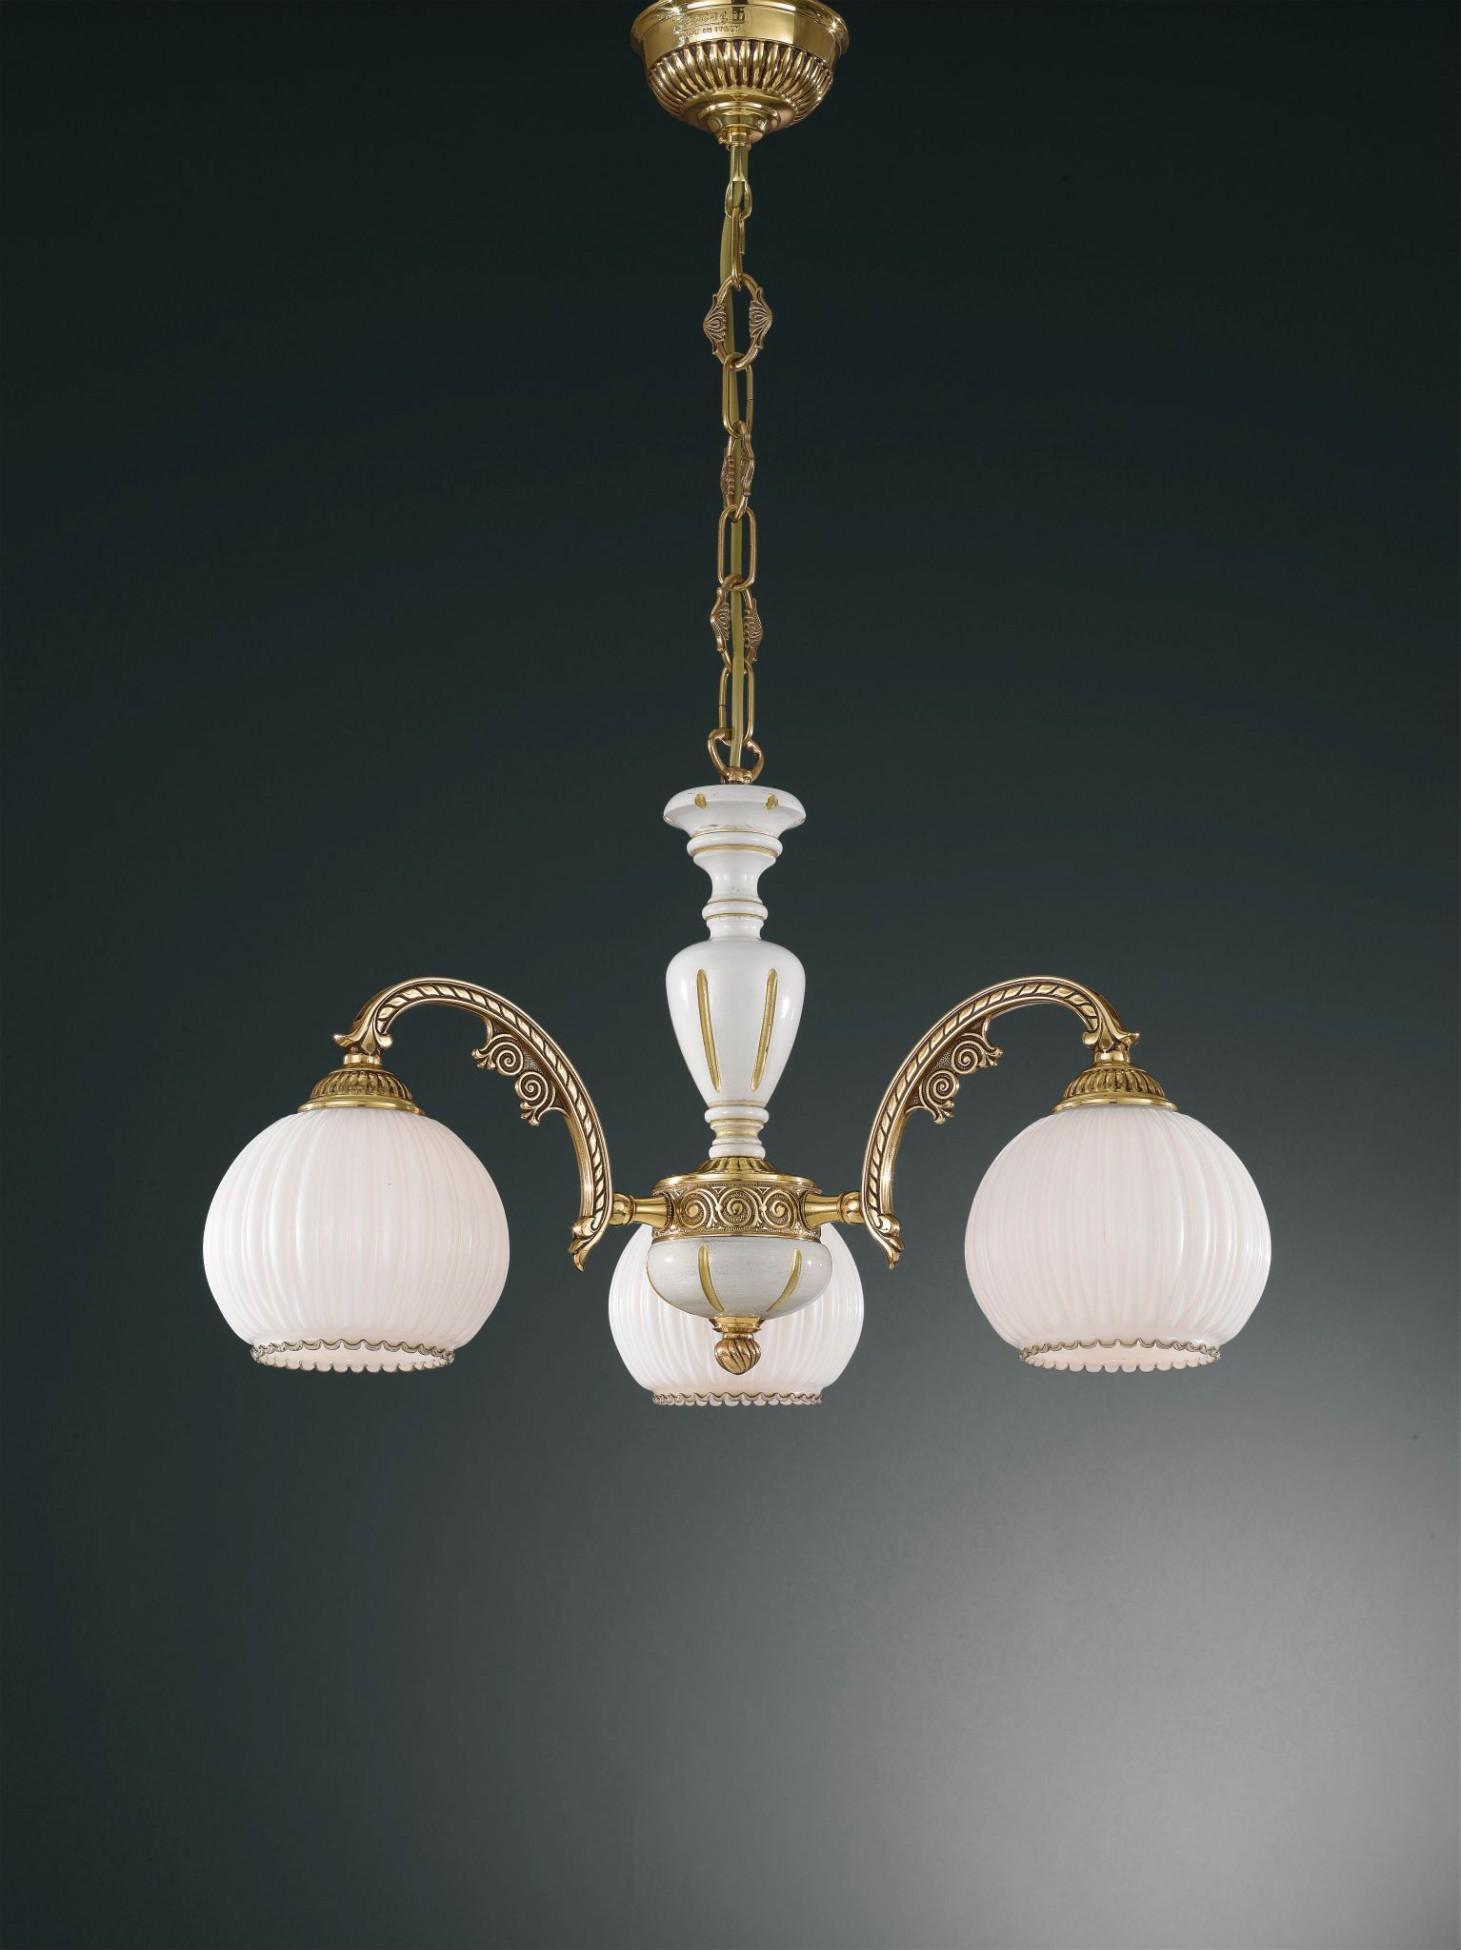 Lampadario in ottone dorato, legno e vetro bianco 3 luci  Reccagni ...